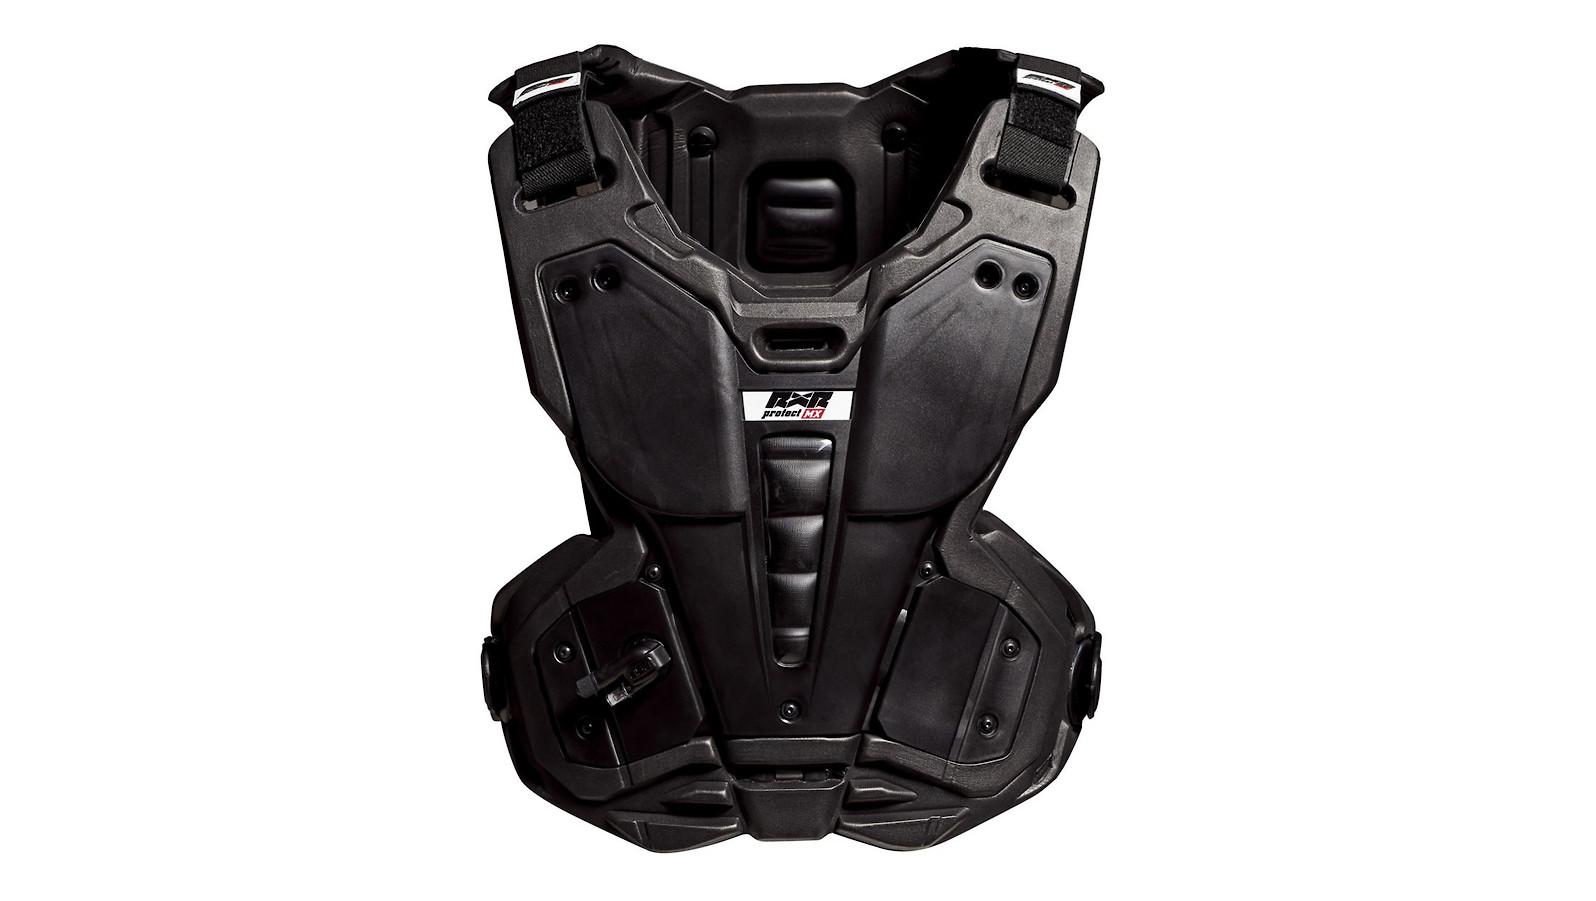 RXR Bullet Chest Protector - Reviews, Comparisons, Specs